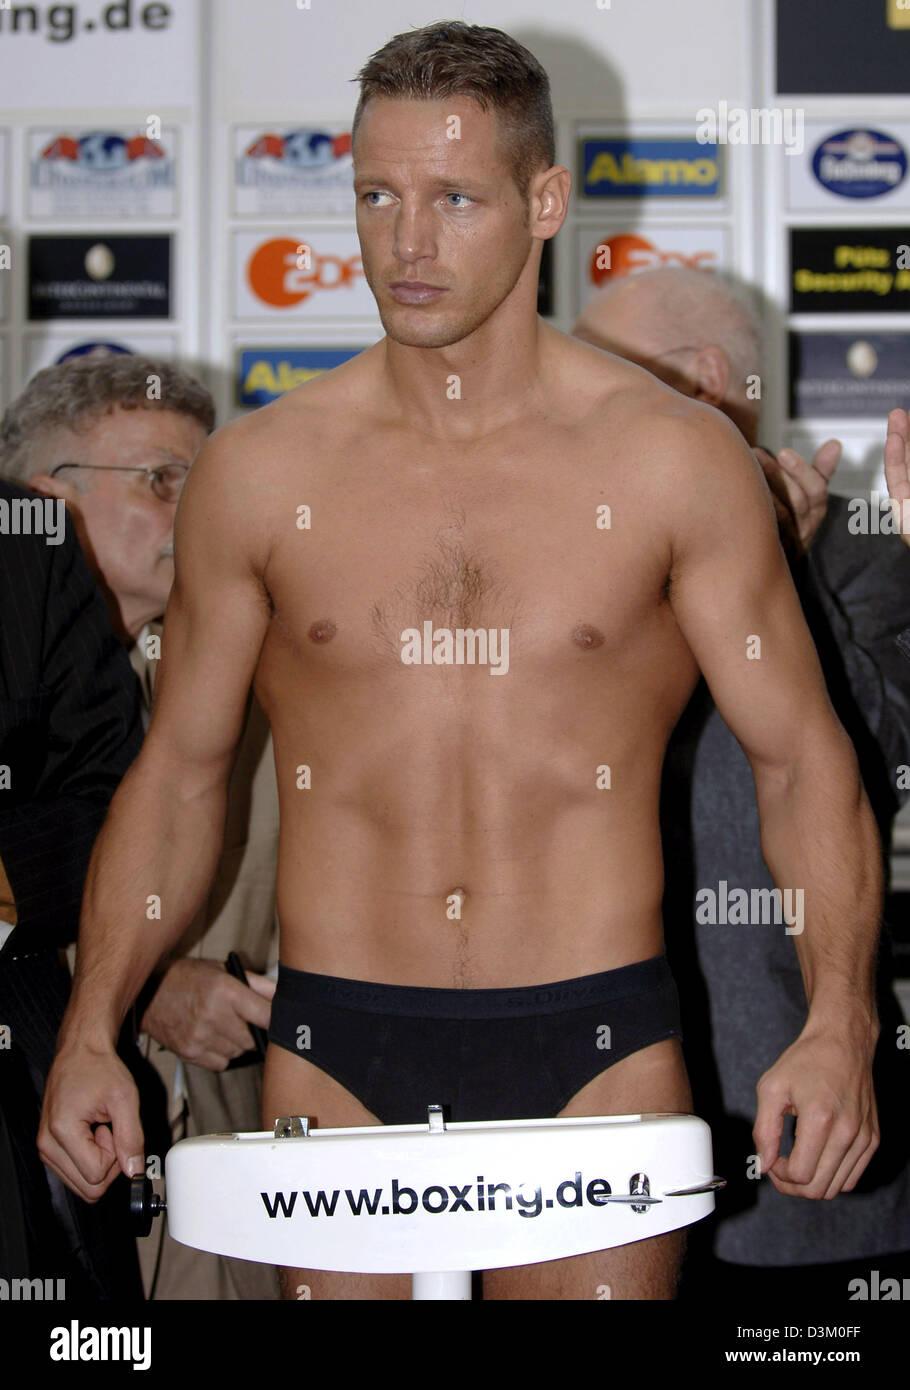 Boxer Gewicht